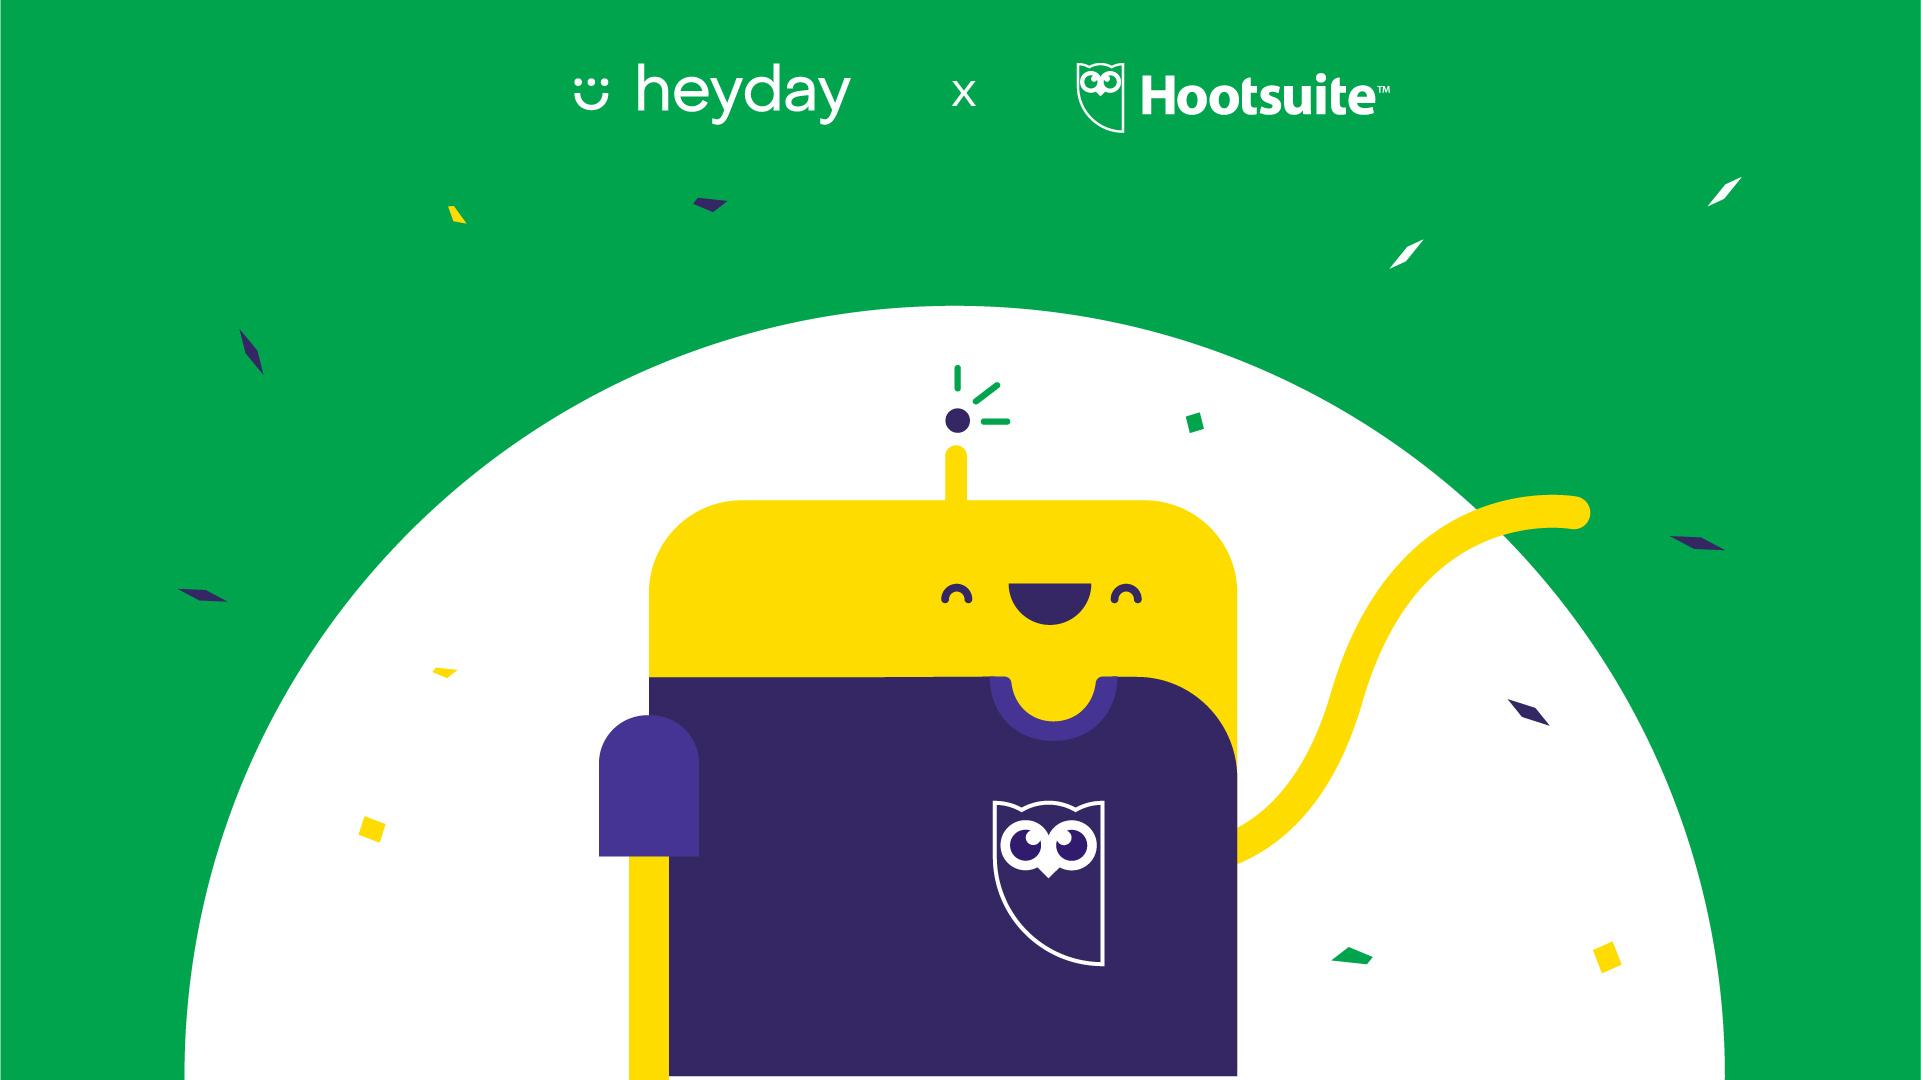 Hootsuite acquiert le leader de l'IA conversationnelle, Heyday, pour 60 millions $CA